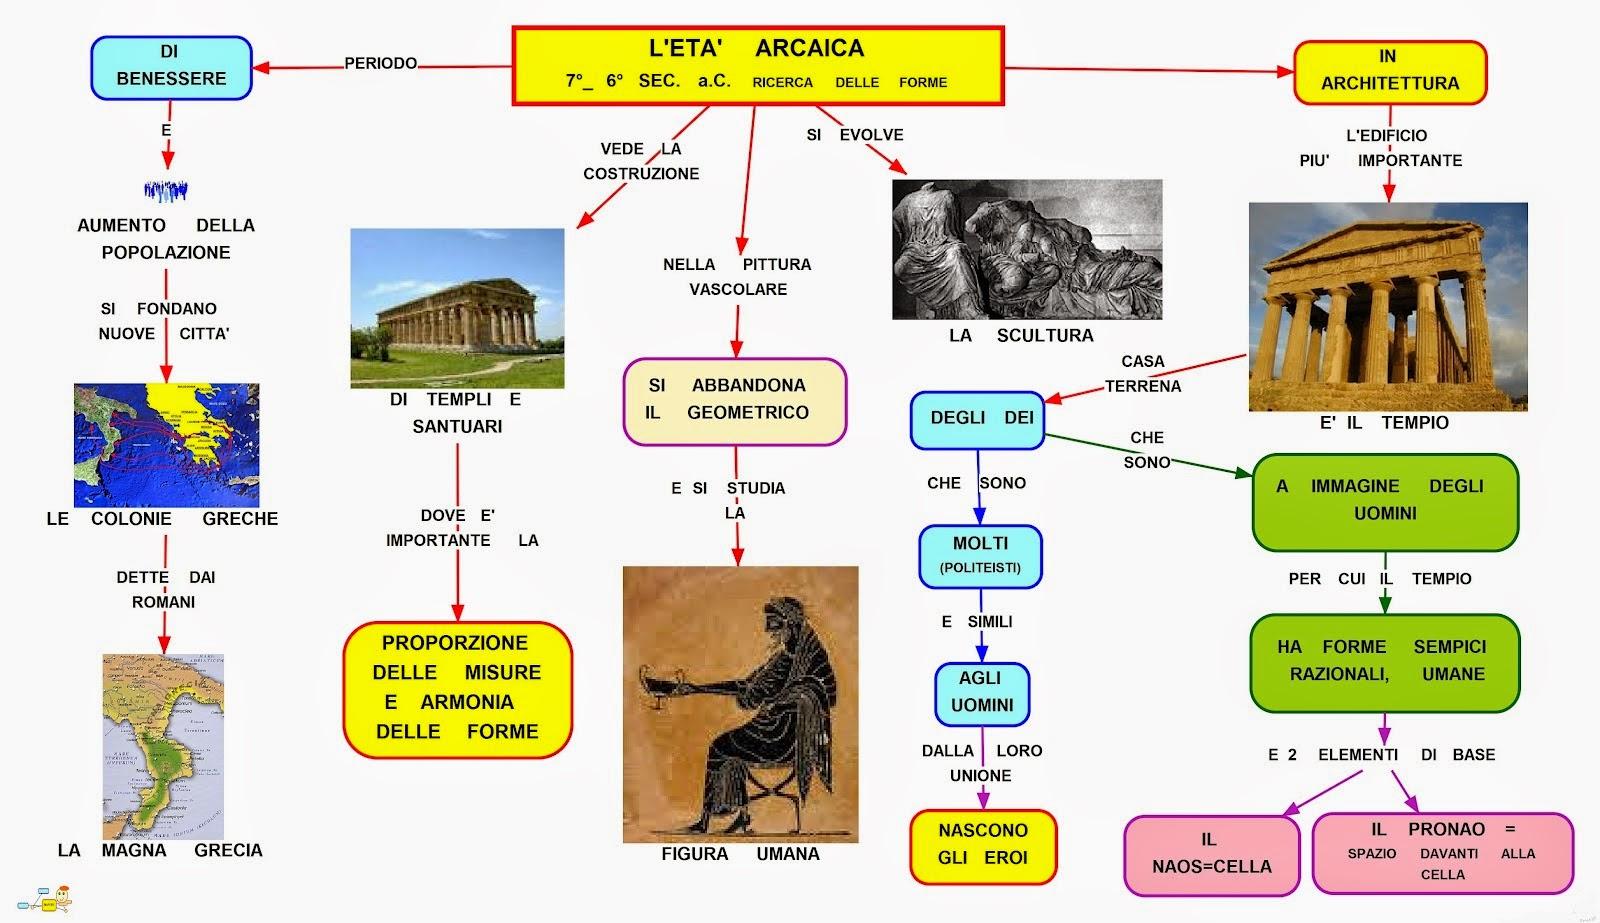 Mappa concettuale et arcaica for Design della mappa di casa